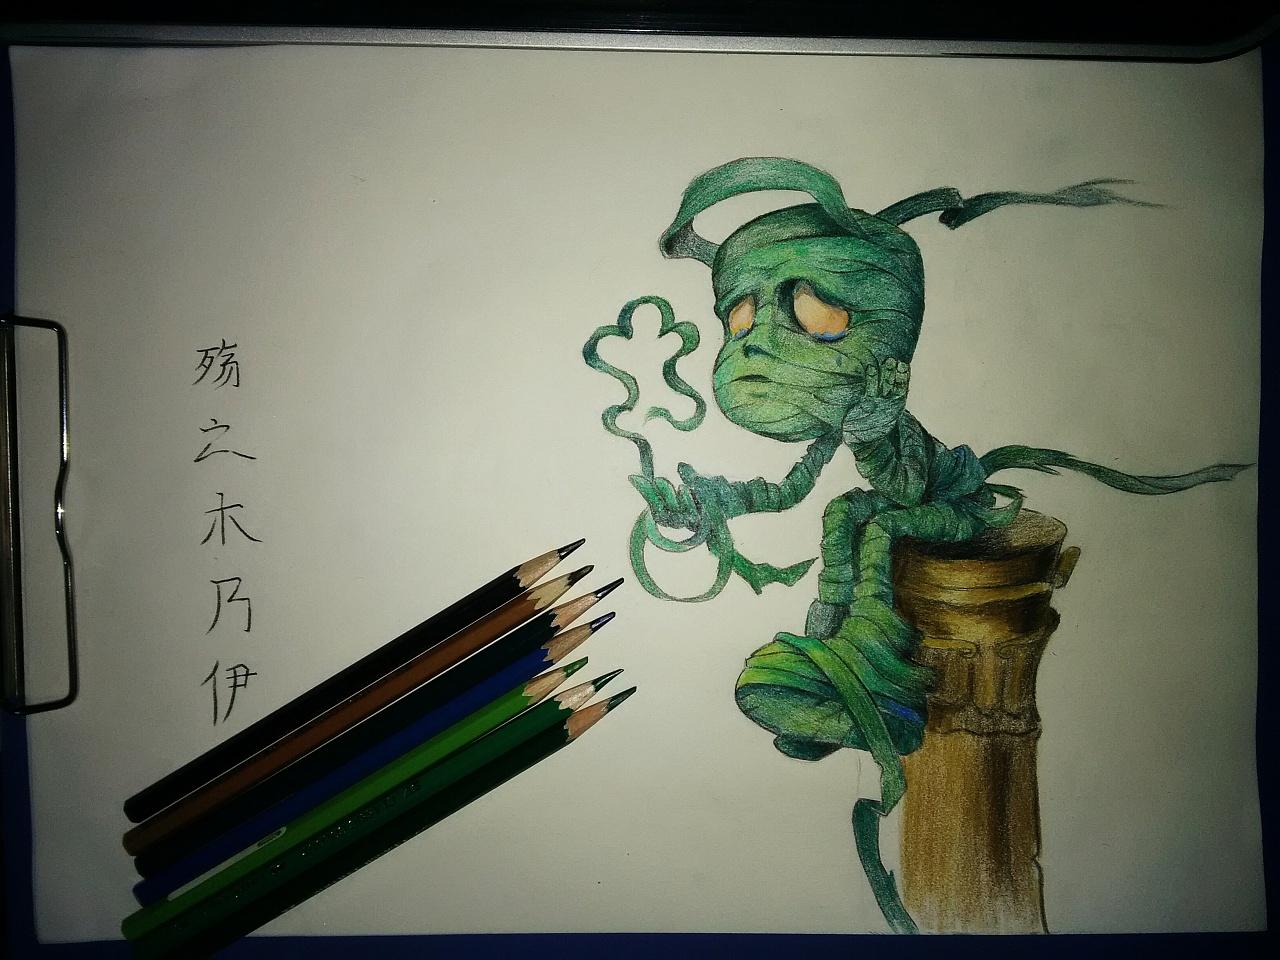 彩铅手绘|插画|插画习作|贺小贱 - 原创作品 - 站酷